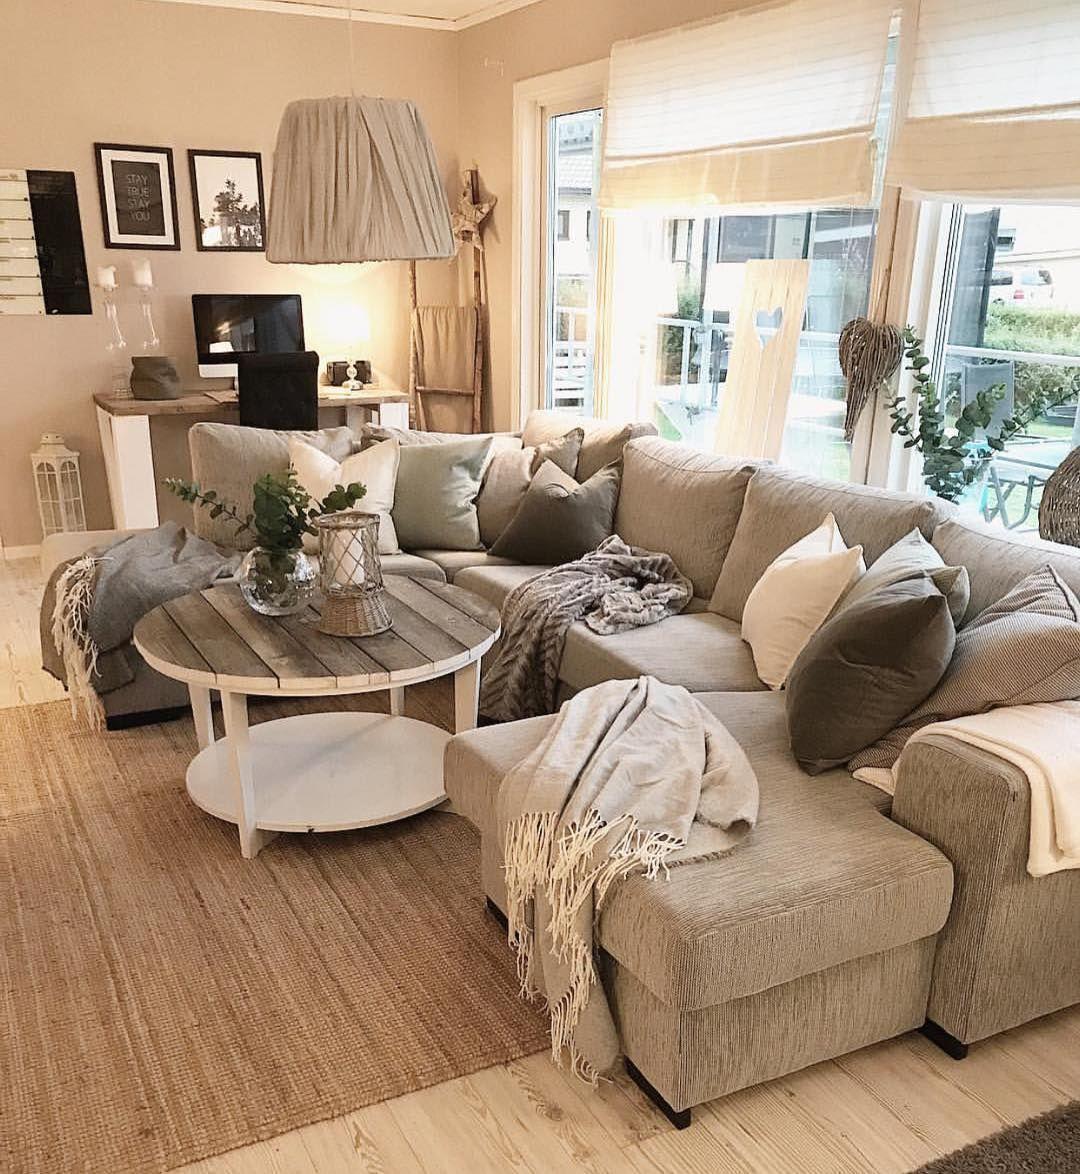 beige wei grau  Deko Schnes  Wohnzimmer grau wei Wohnzimmer einrichten inspiration und